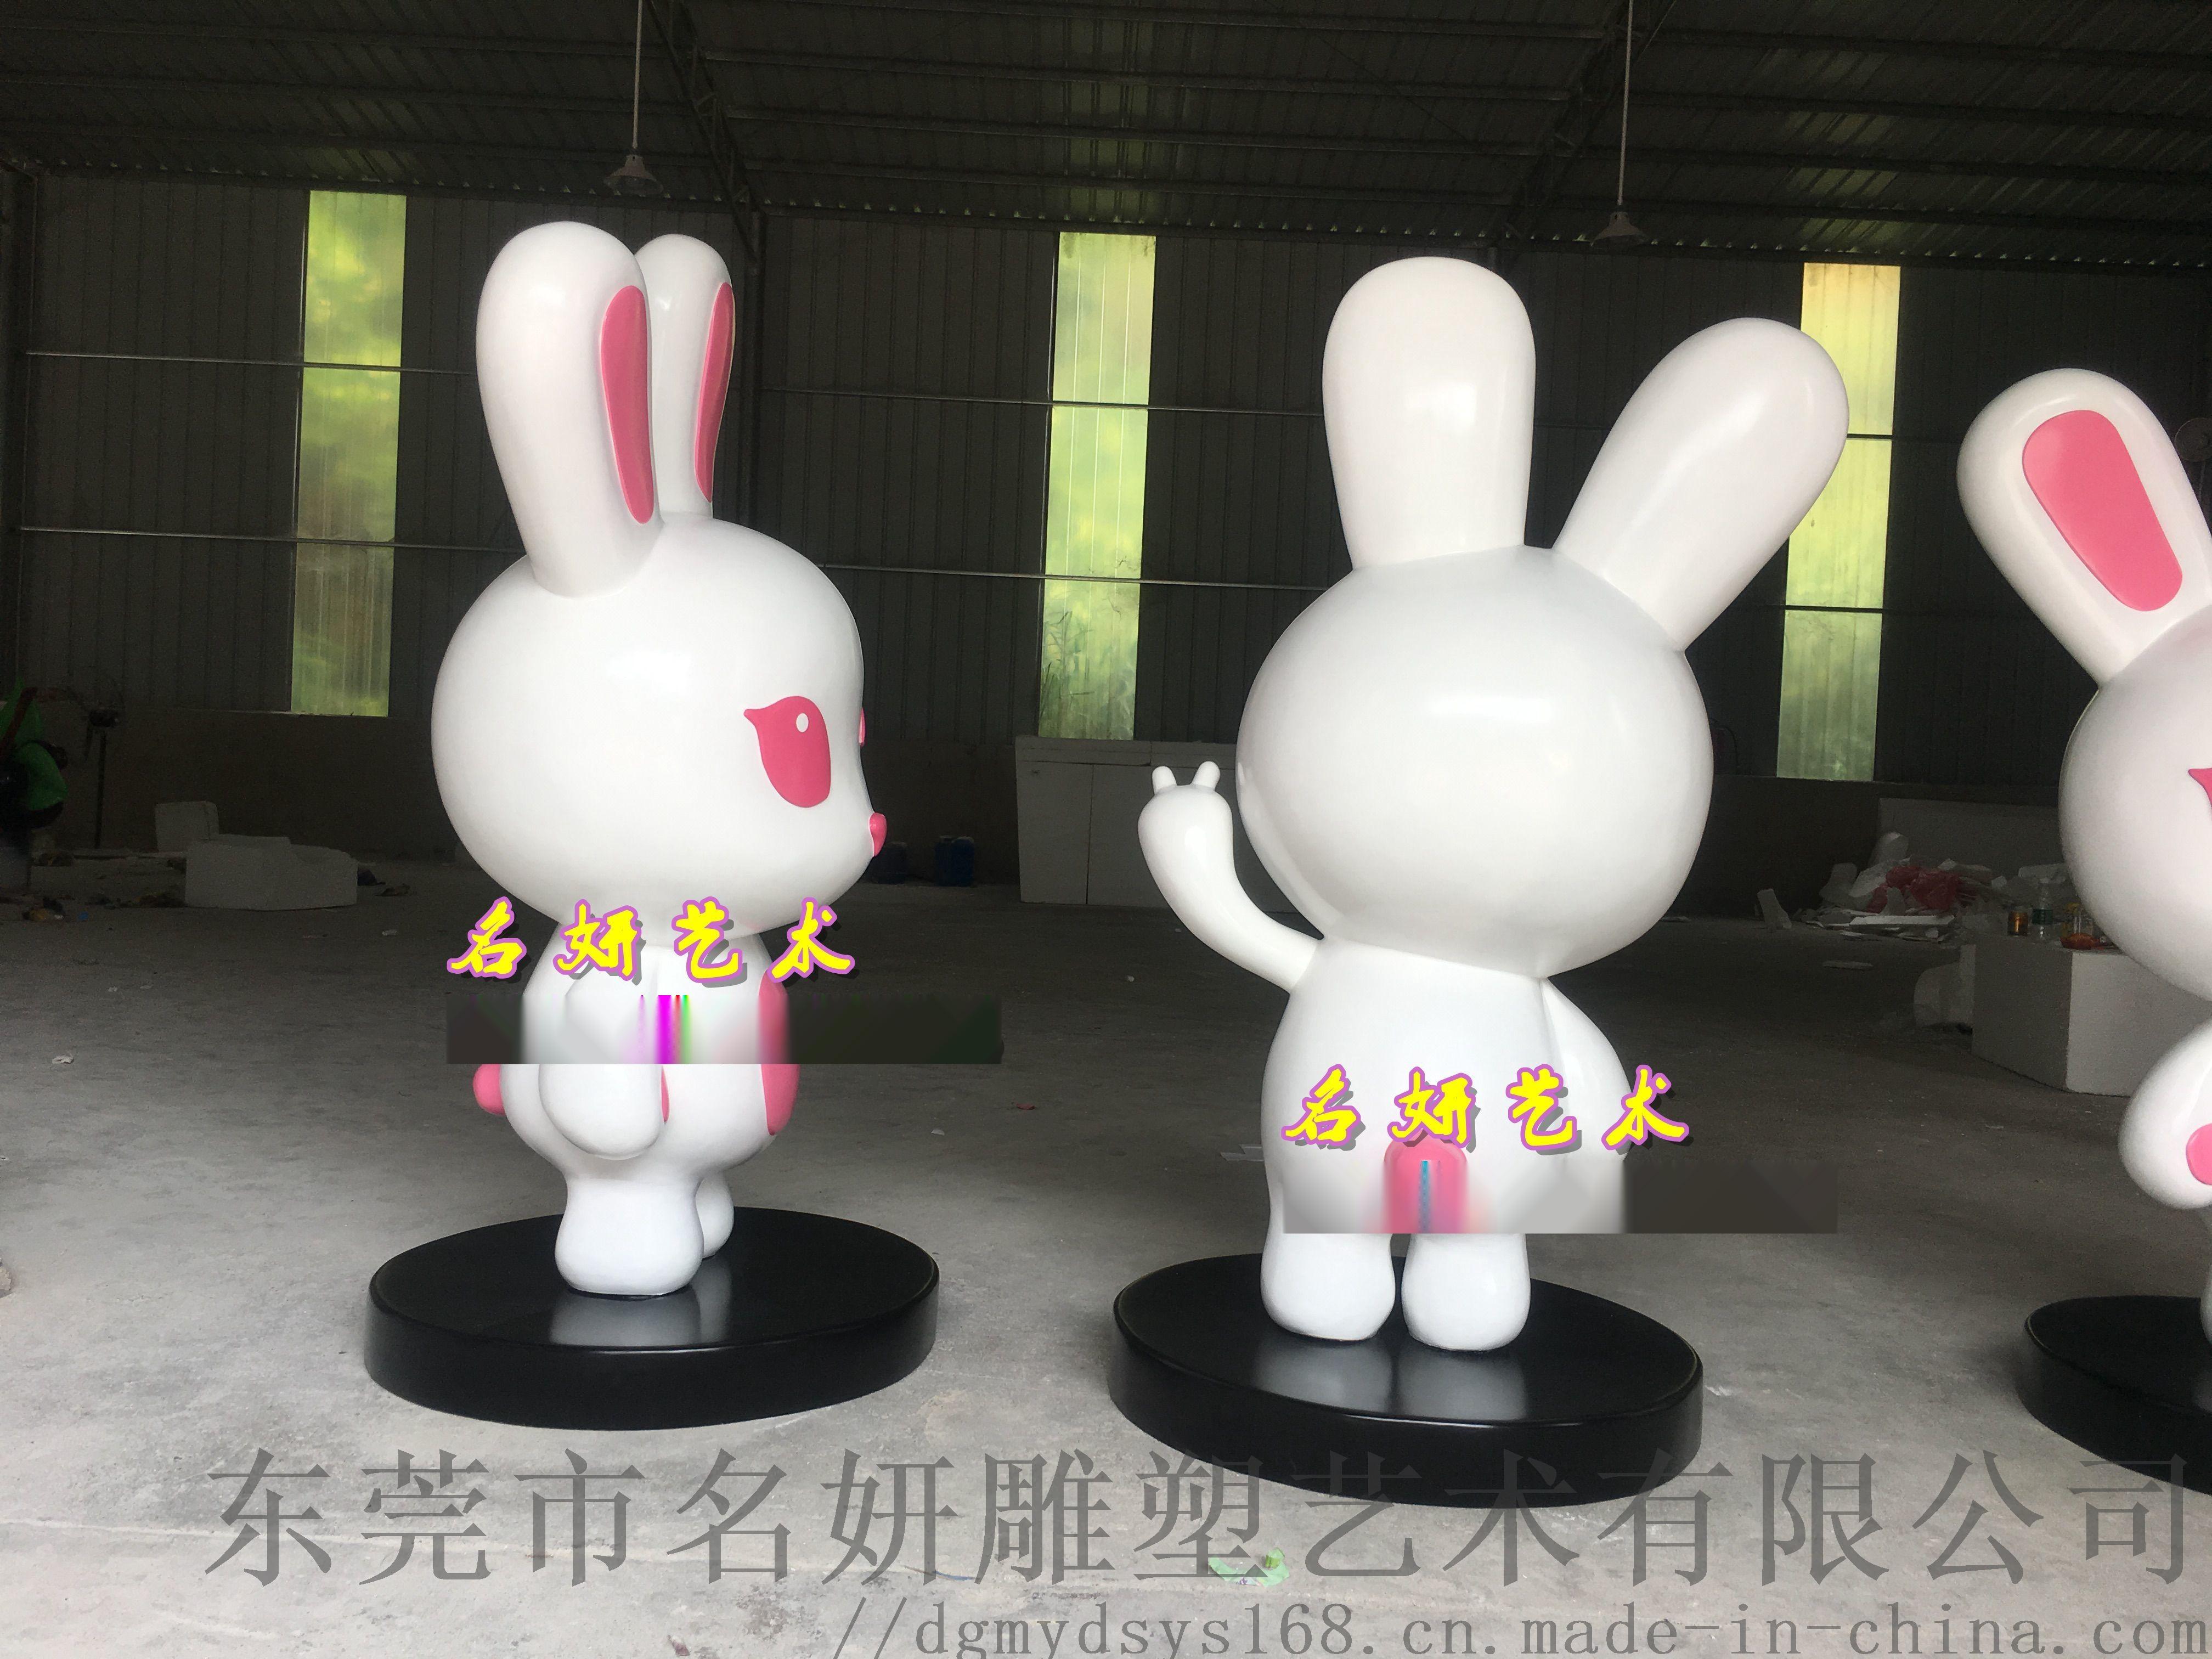 火爆了杭州玻璃鋼喜兔公司吉祥物雕塑卡通IP兔子形象868414885